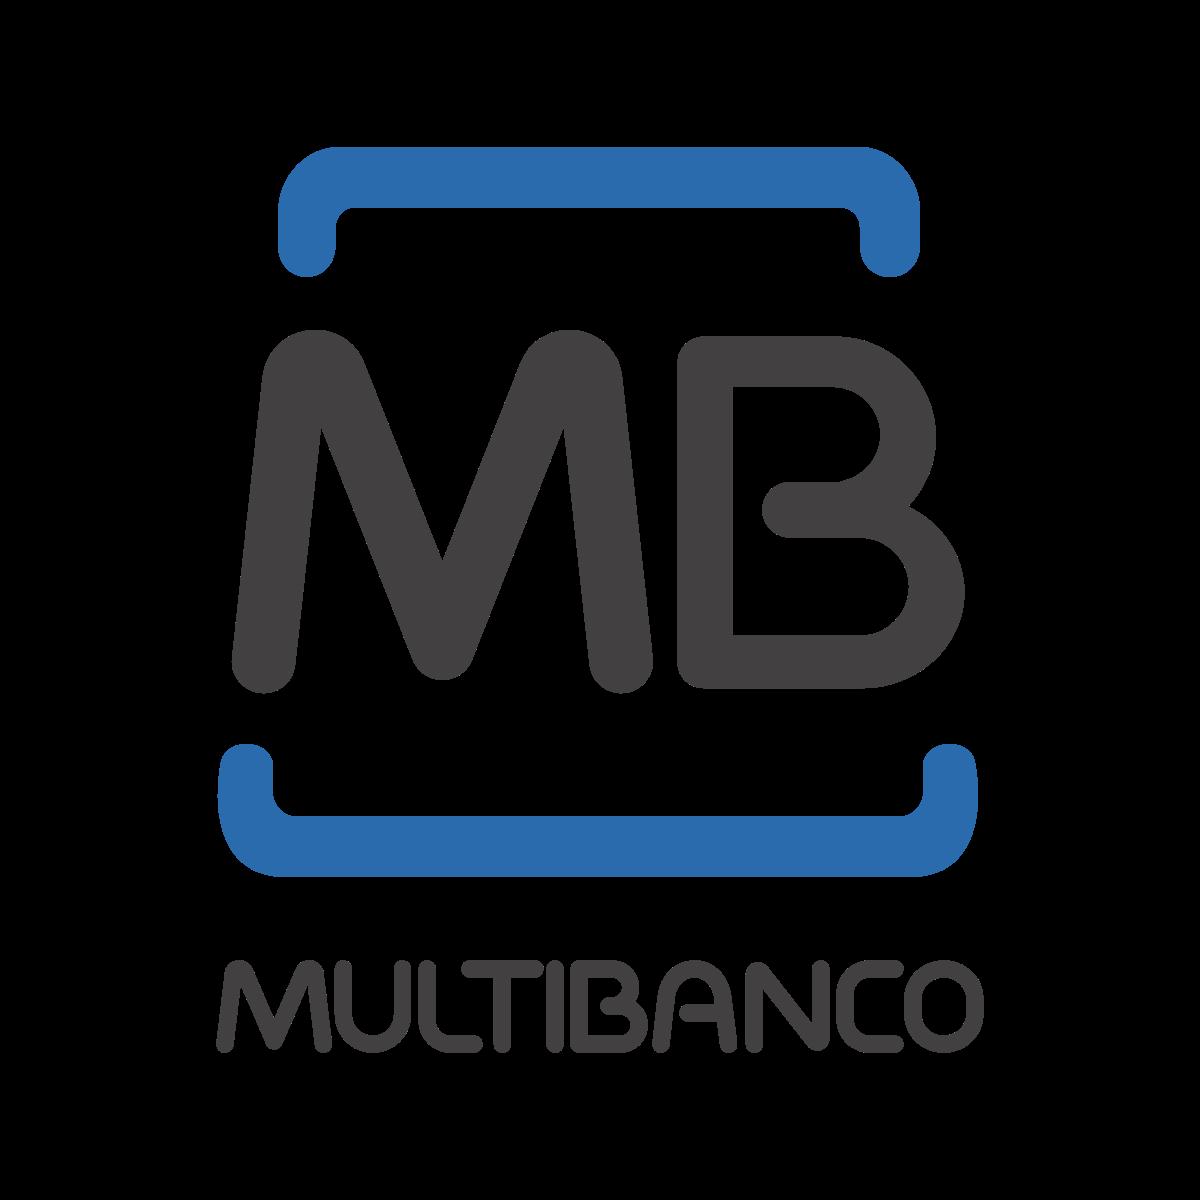 1200px-Multibanco-svg.png